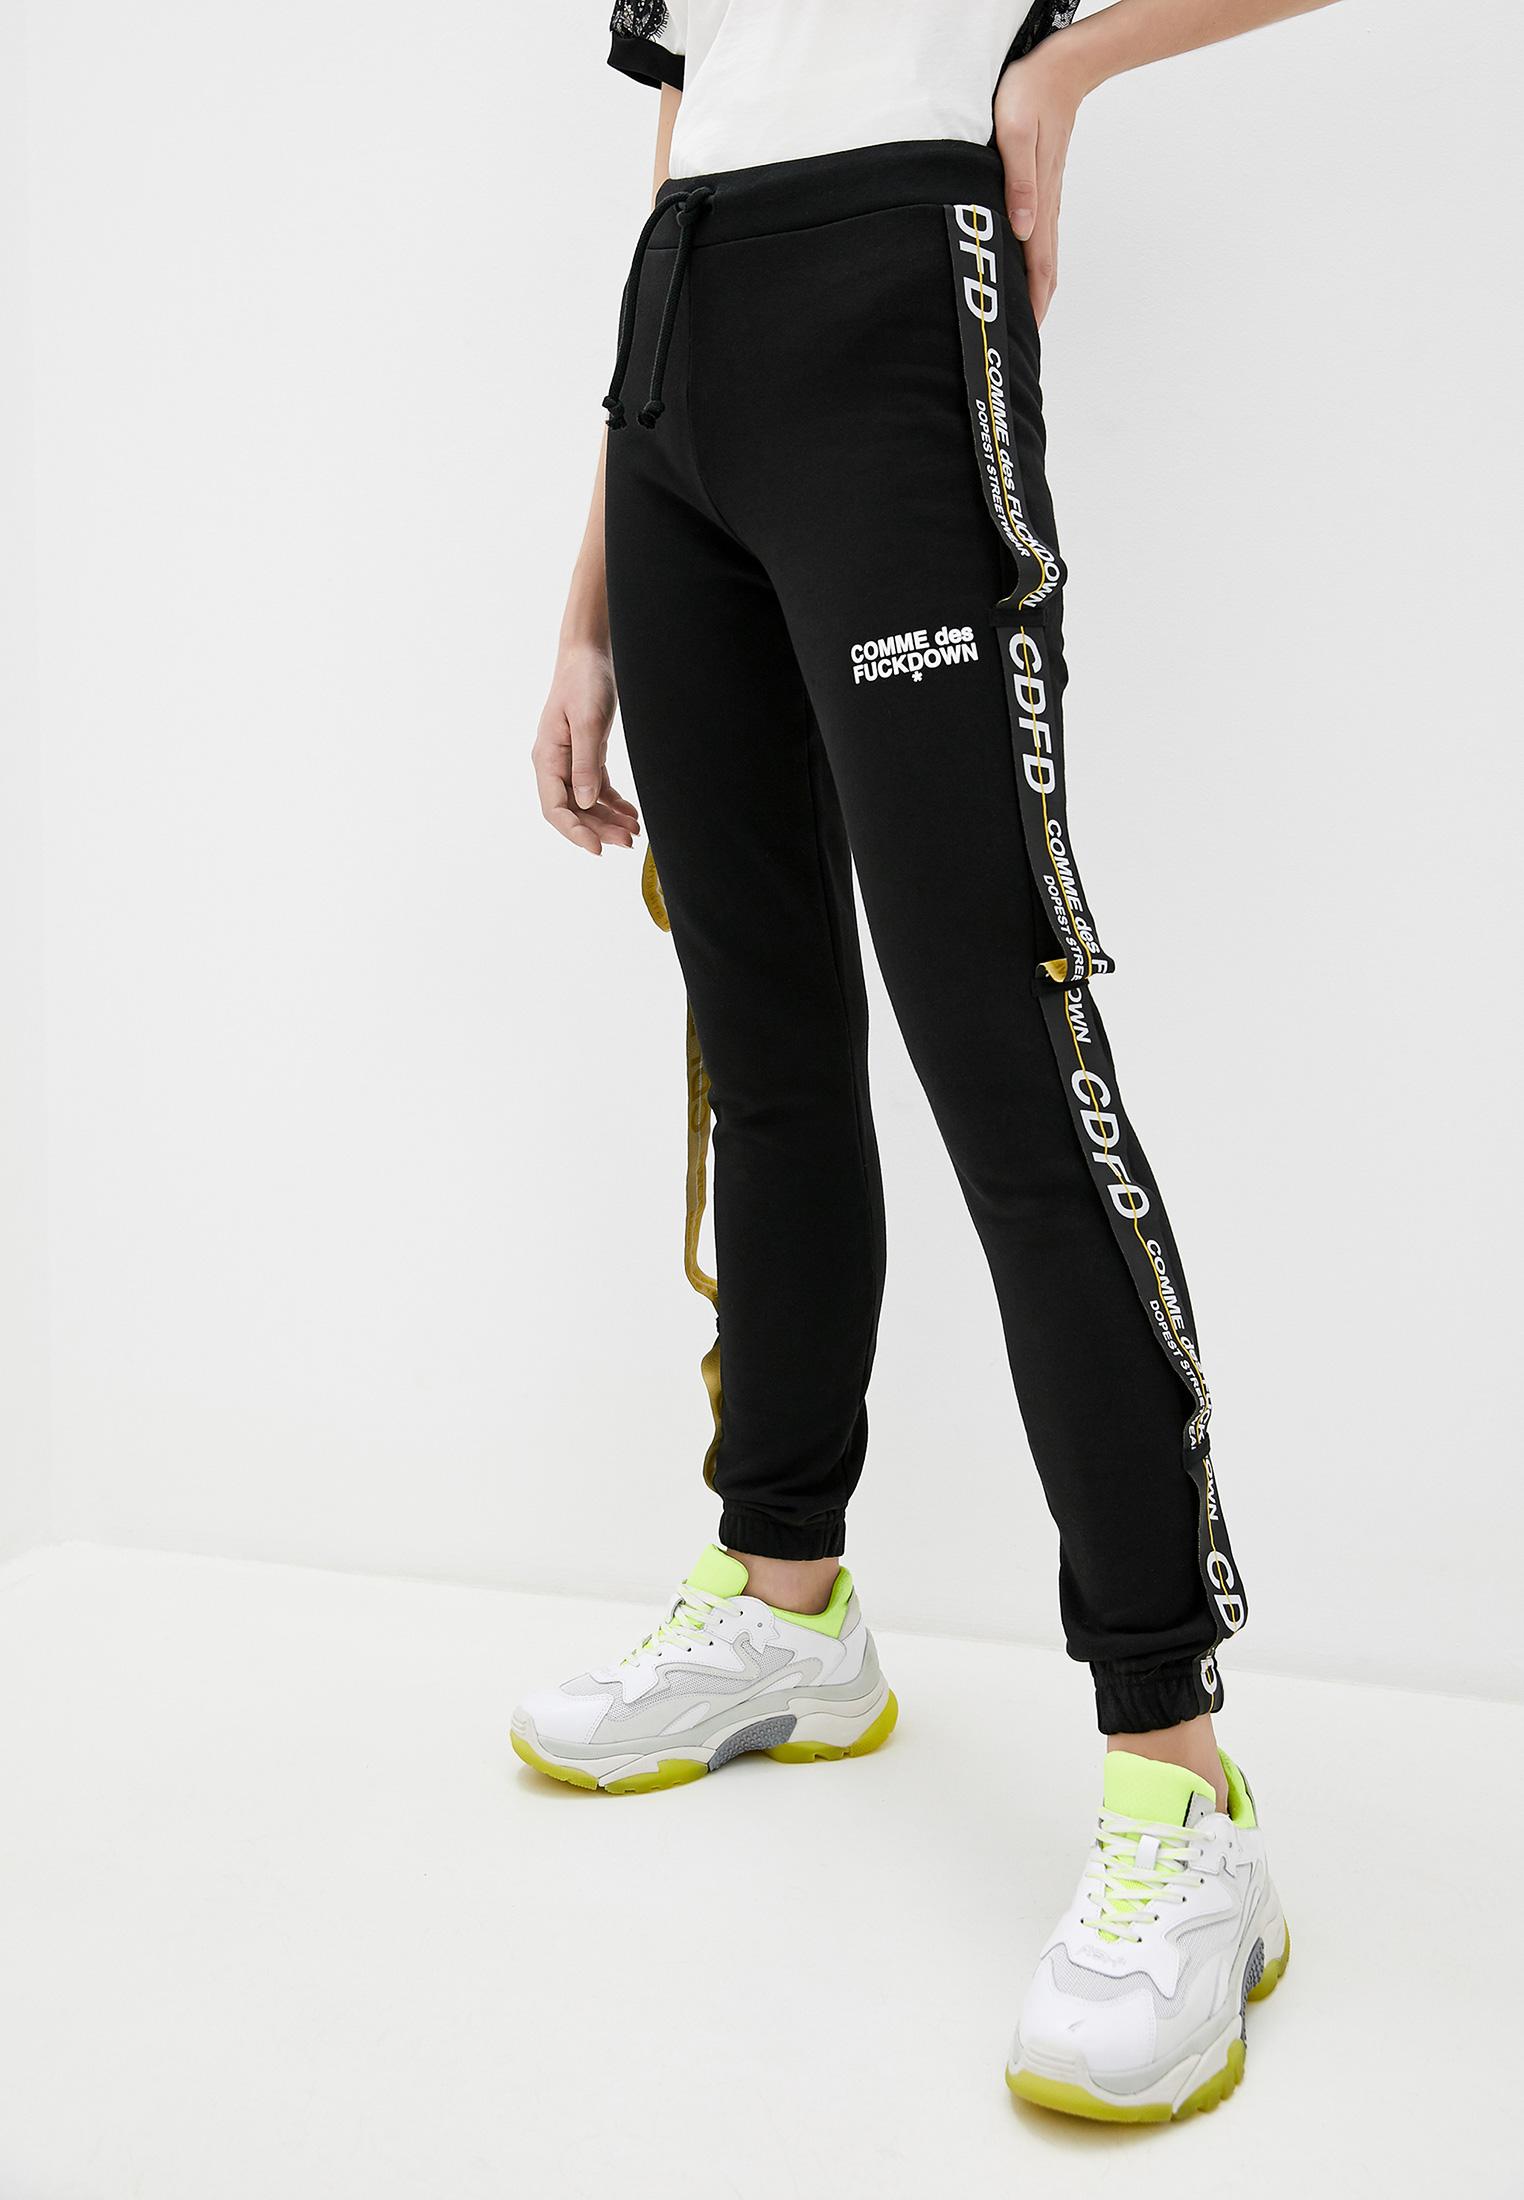 Женские спортивные брюки Comme des Fuckdown CDFD780